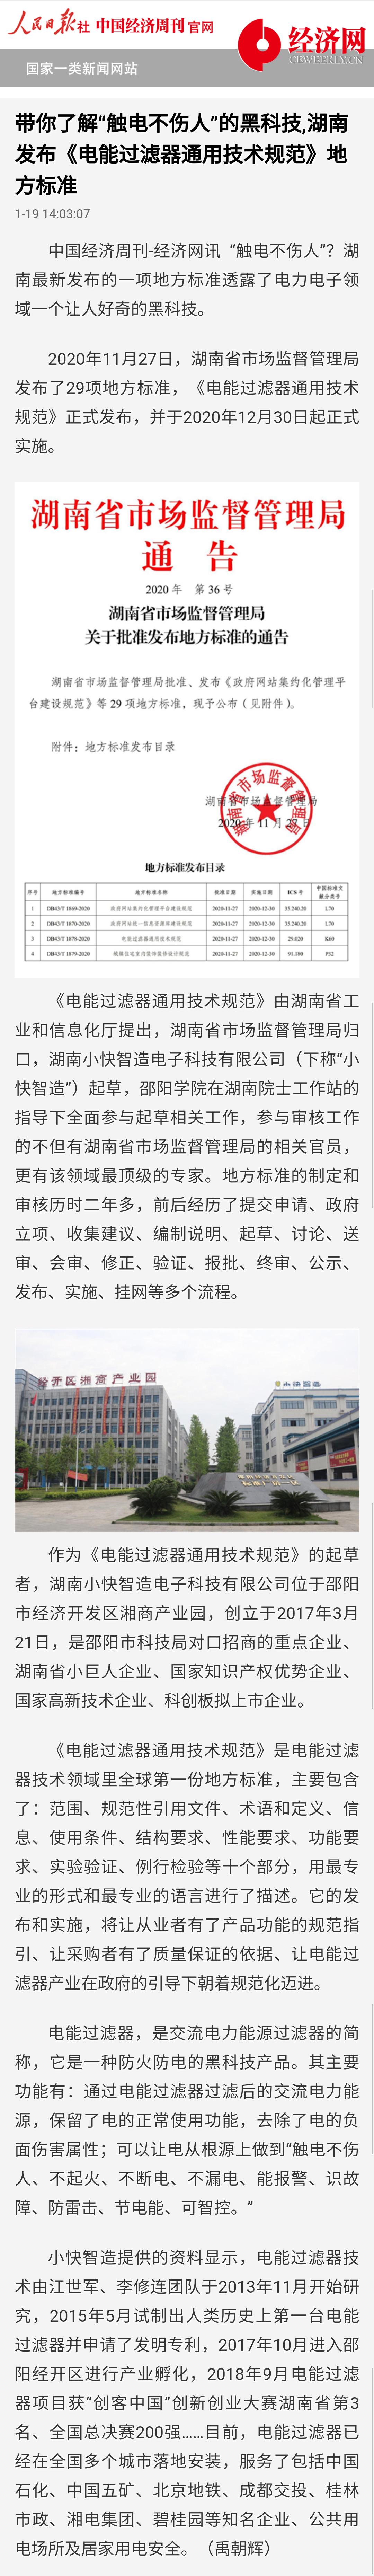 人民日报中国经济周刊.jpg